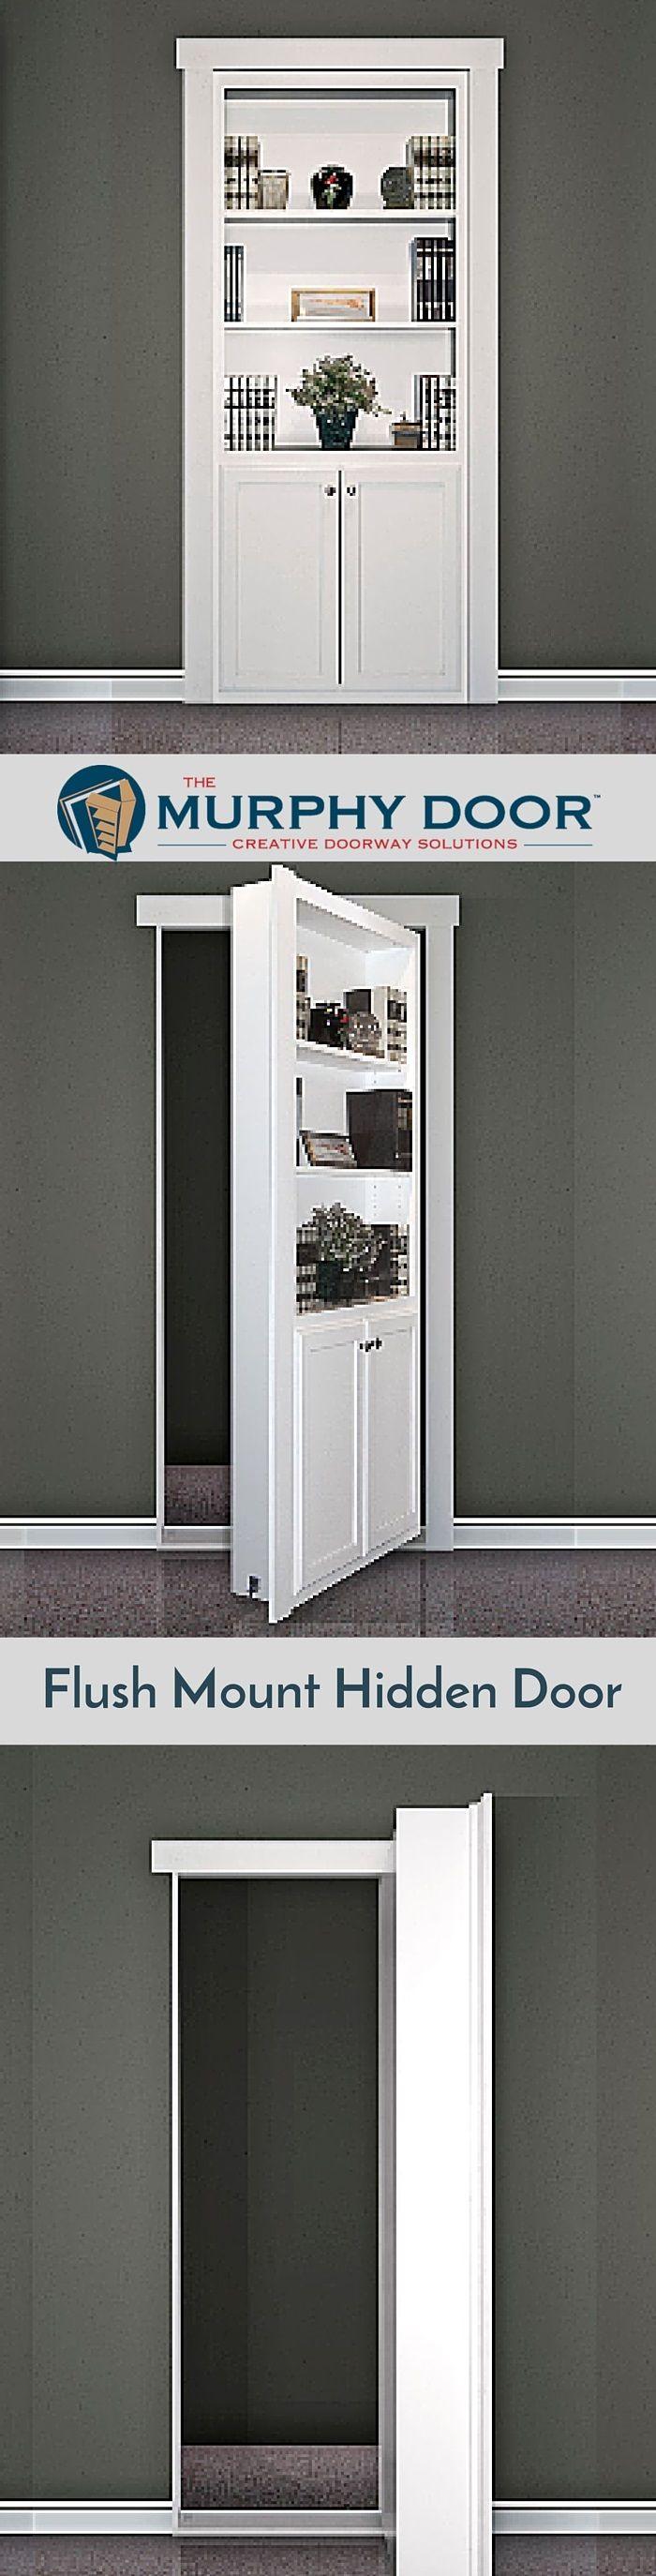 hidden doors the our door it inward closet in if isnt folds pin way